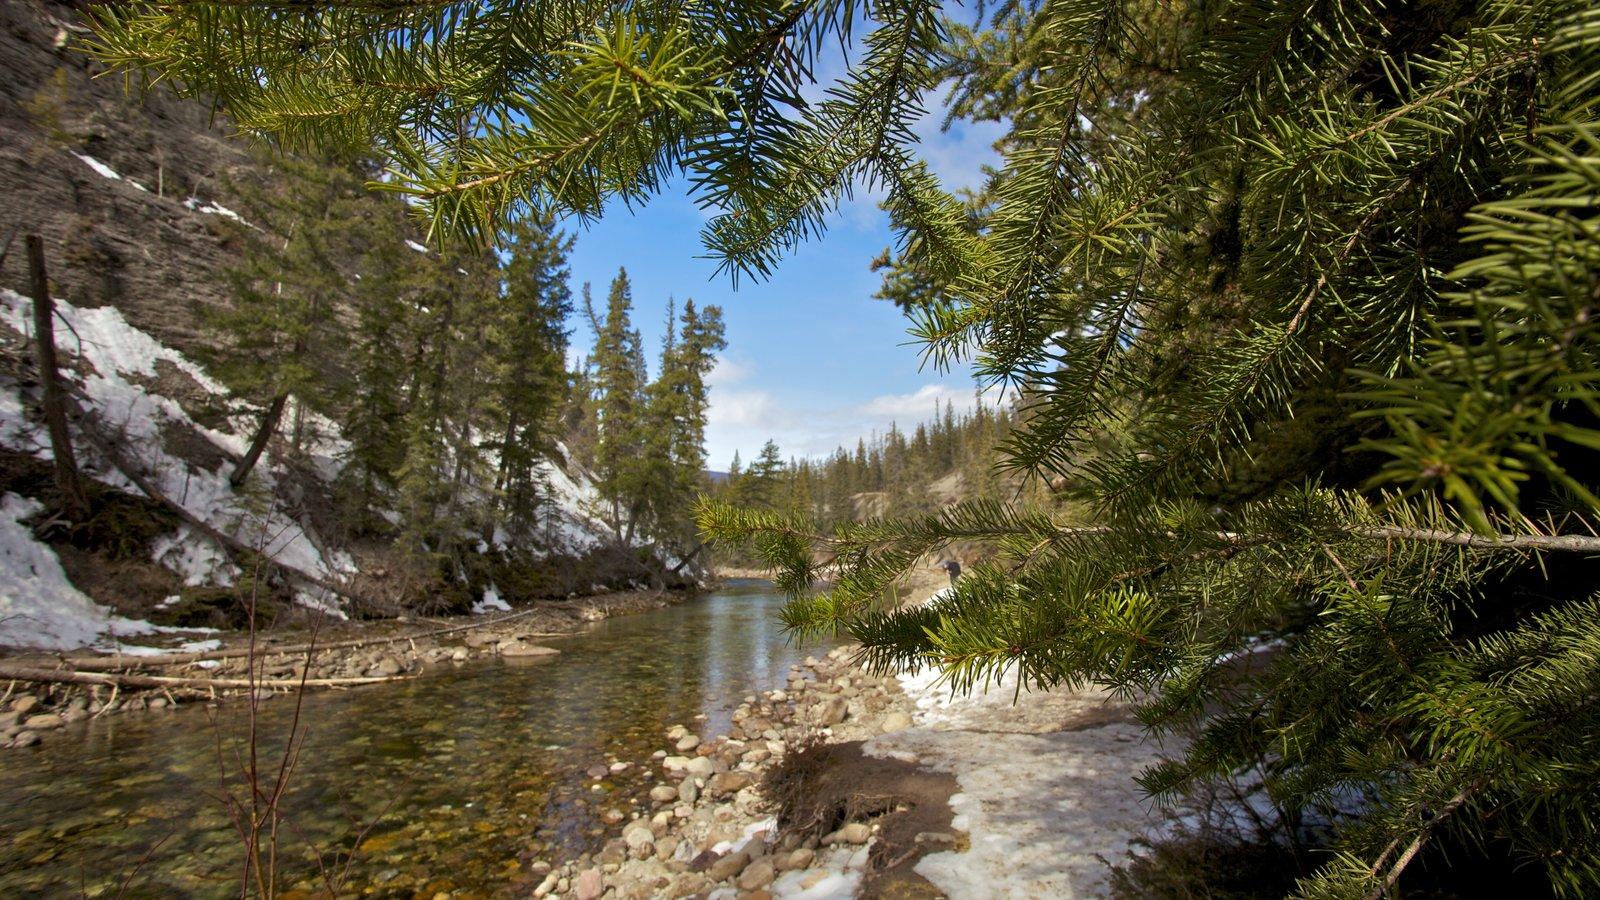 Jasper National Park ofreciendo escenas tranquilas y un río o arroyo